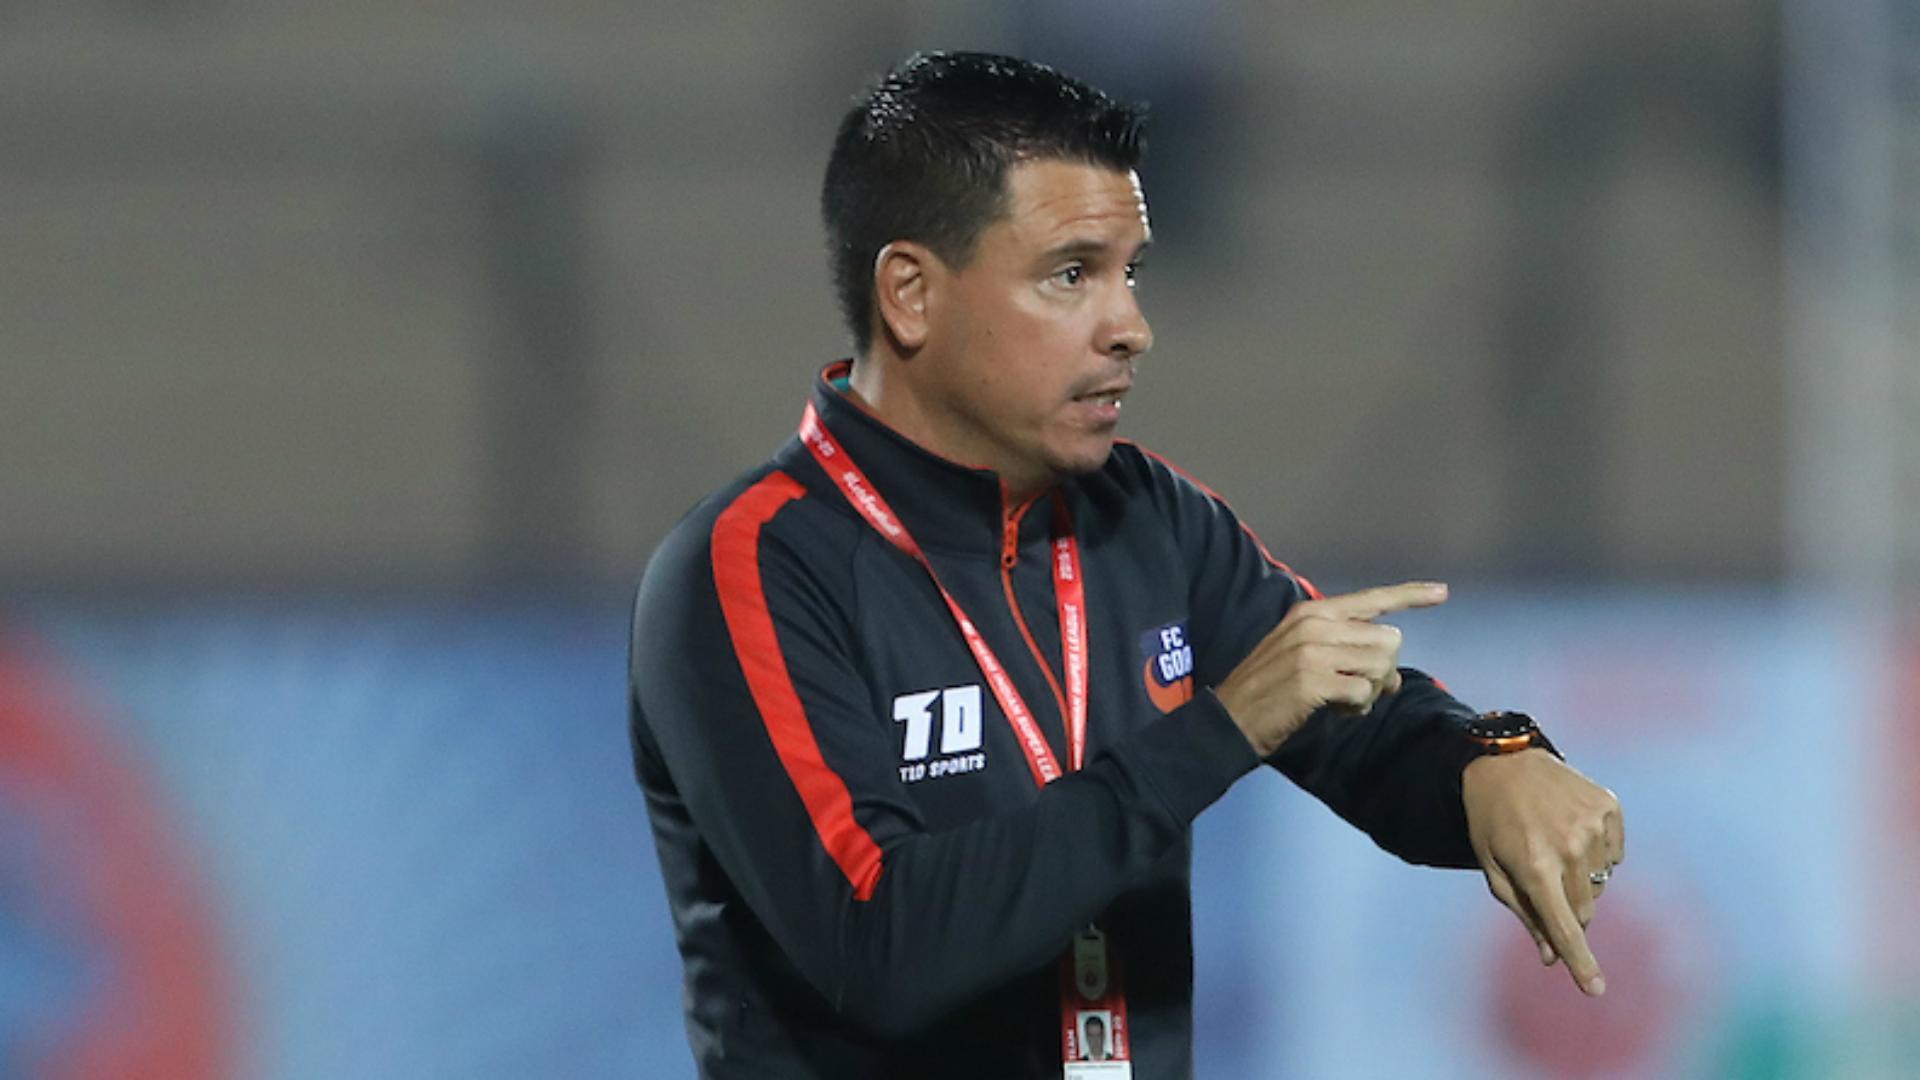 Sergio Lobera rues missed chances in defeat against ATK